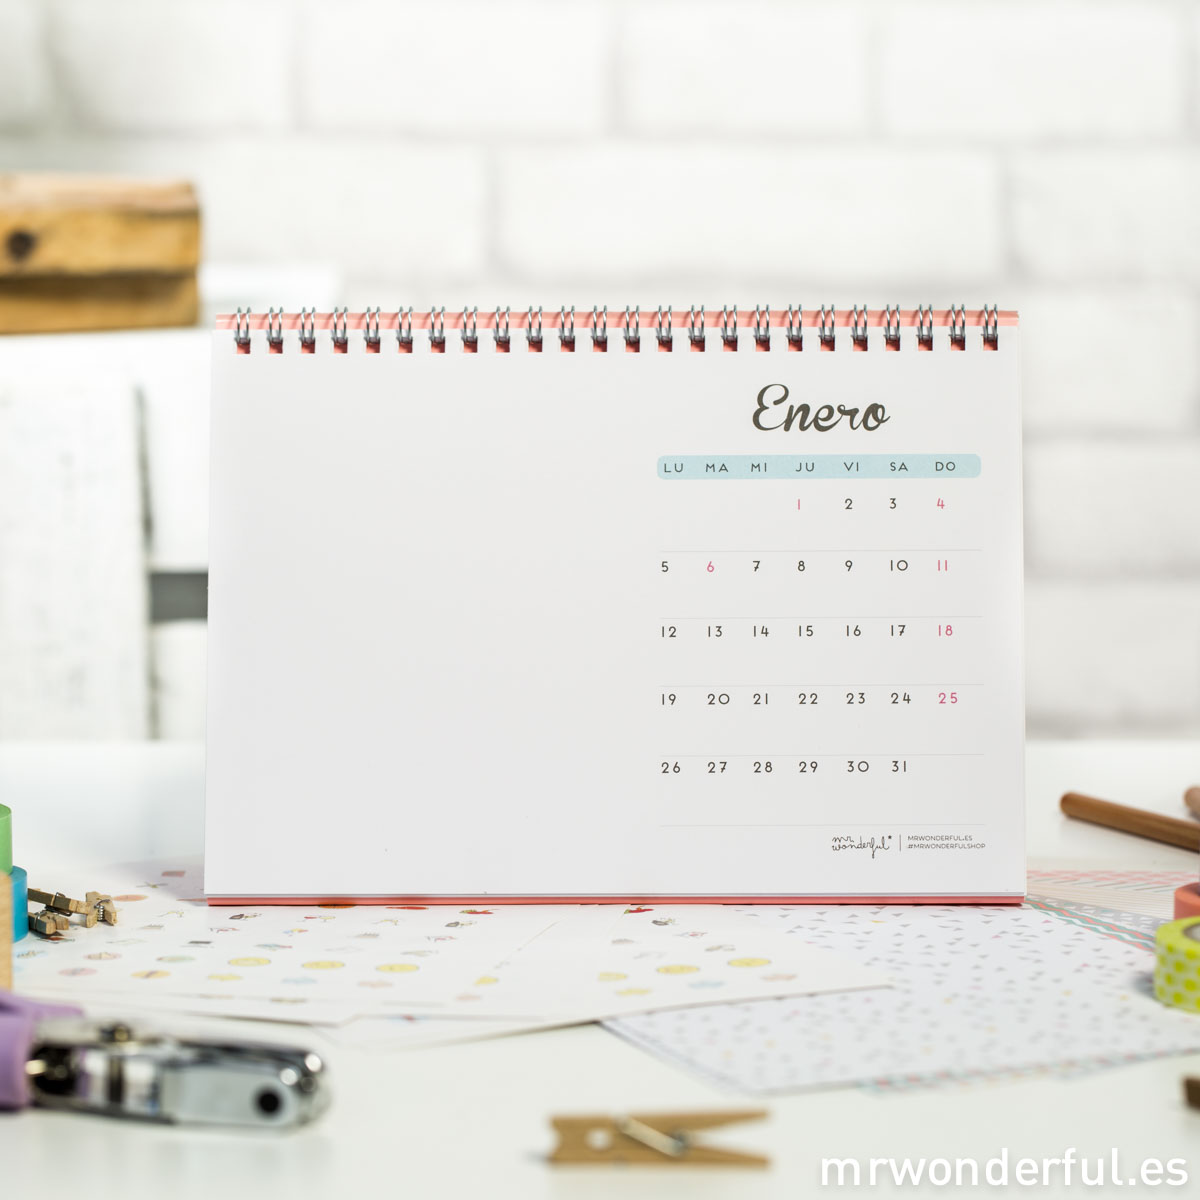 mrwonderful_CAL-WONDER-07_Calendario-2015_haz-2015-ano-inolvidable-11